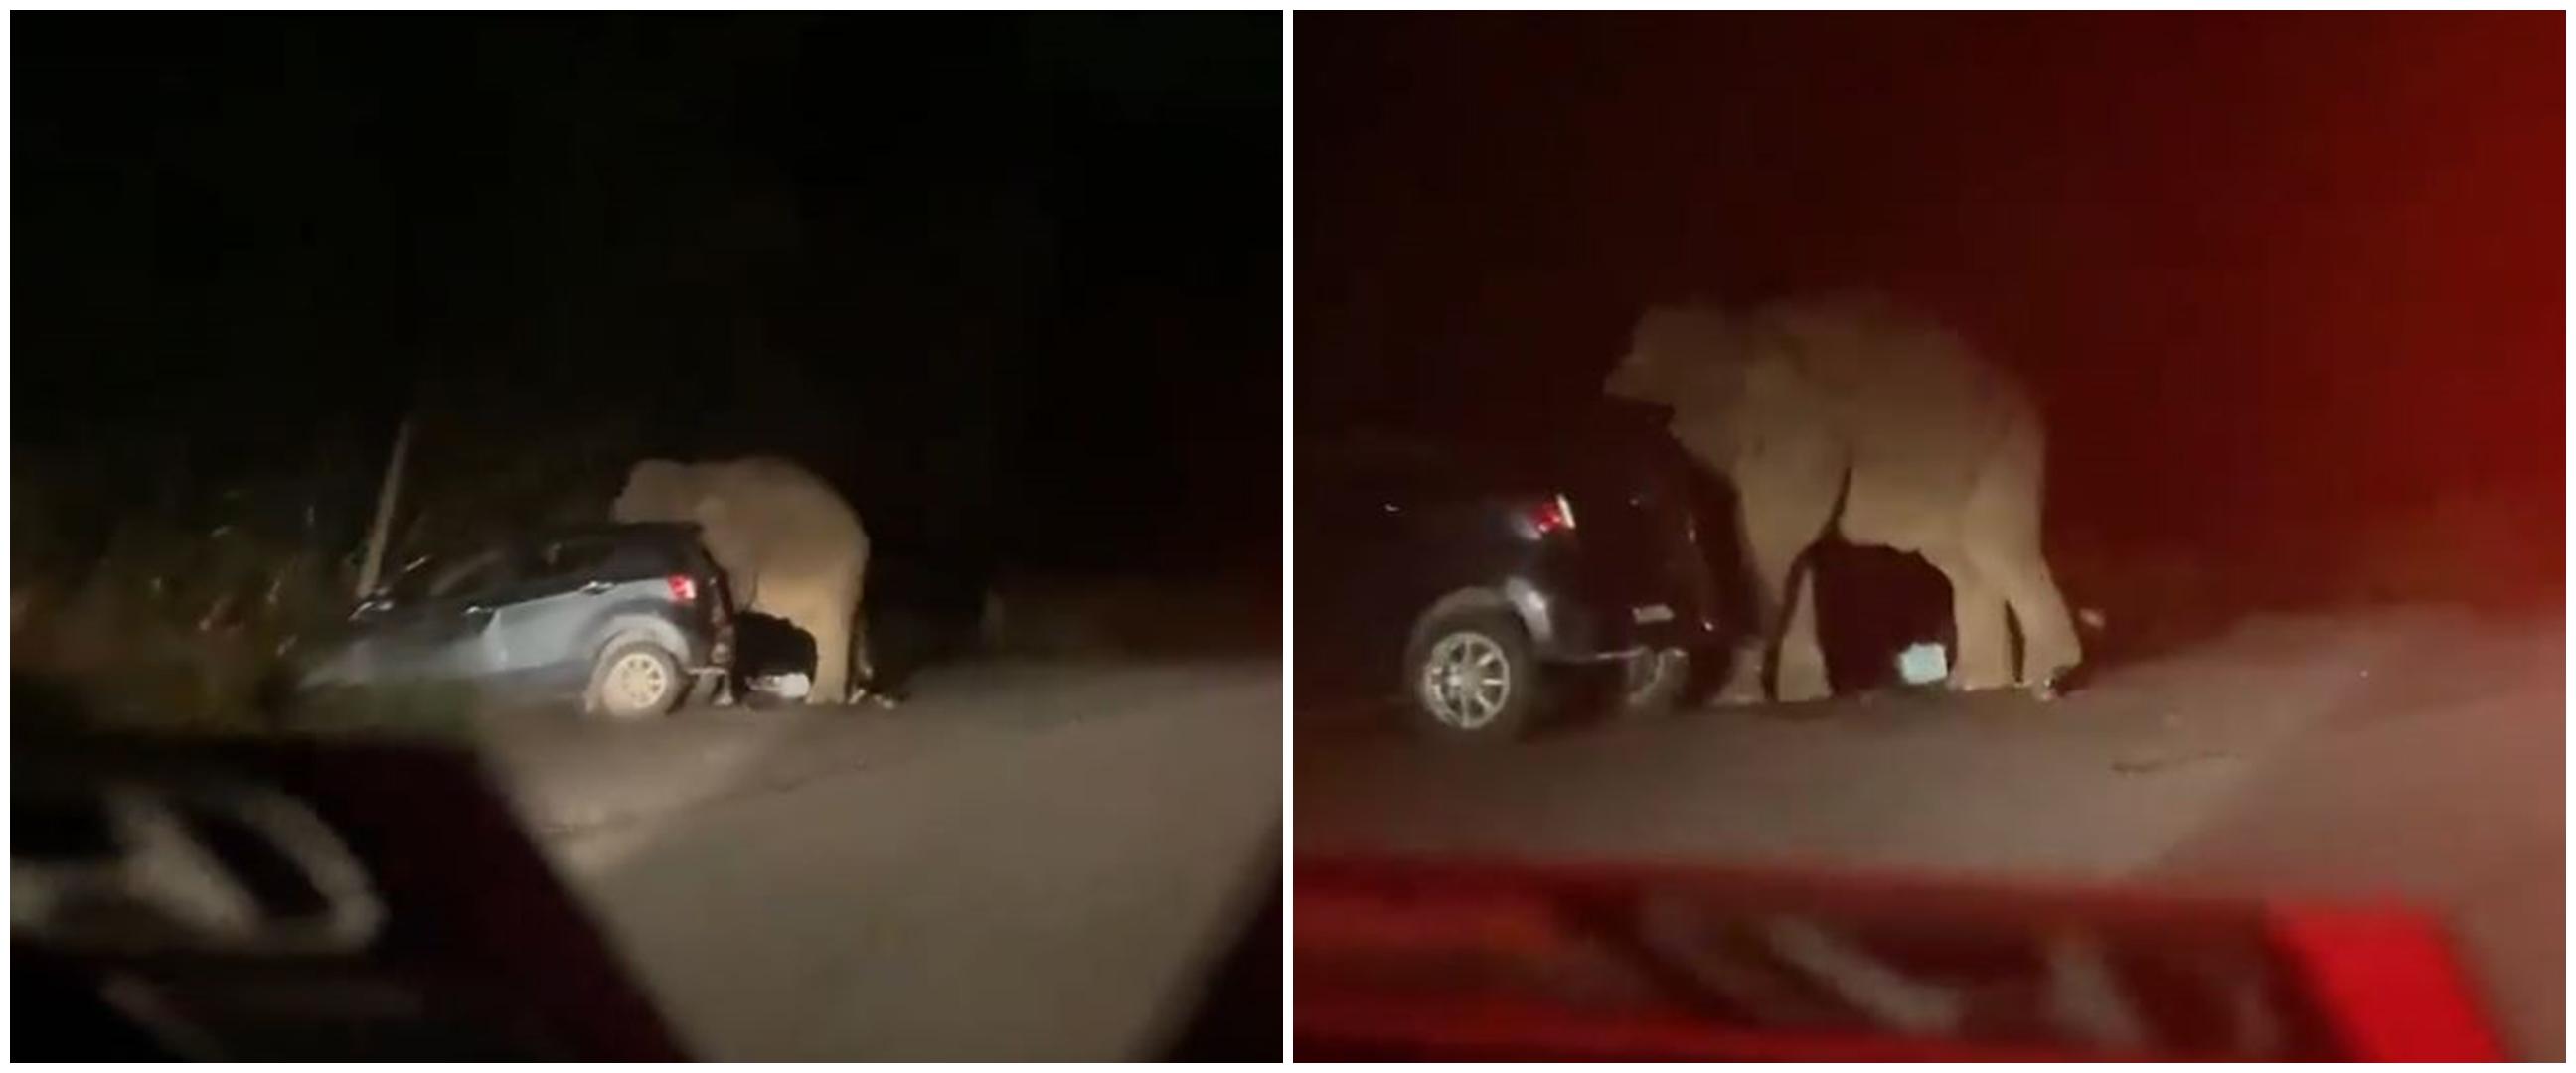 Viral video gajah mengamuk & rusak mobil di jalan, ini penyebabnya